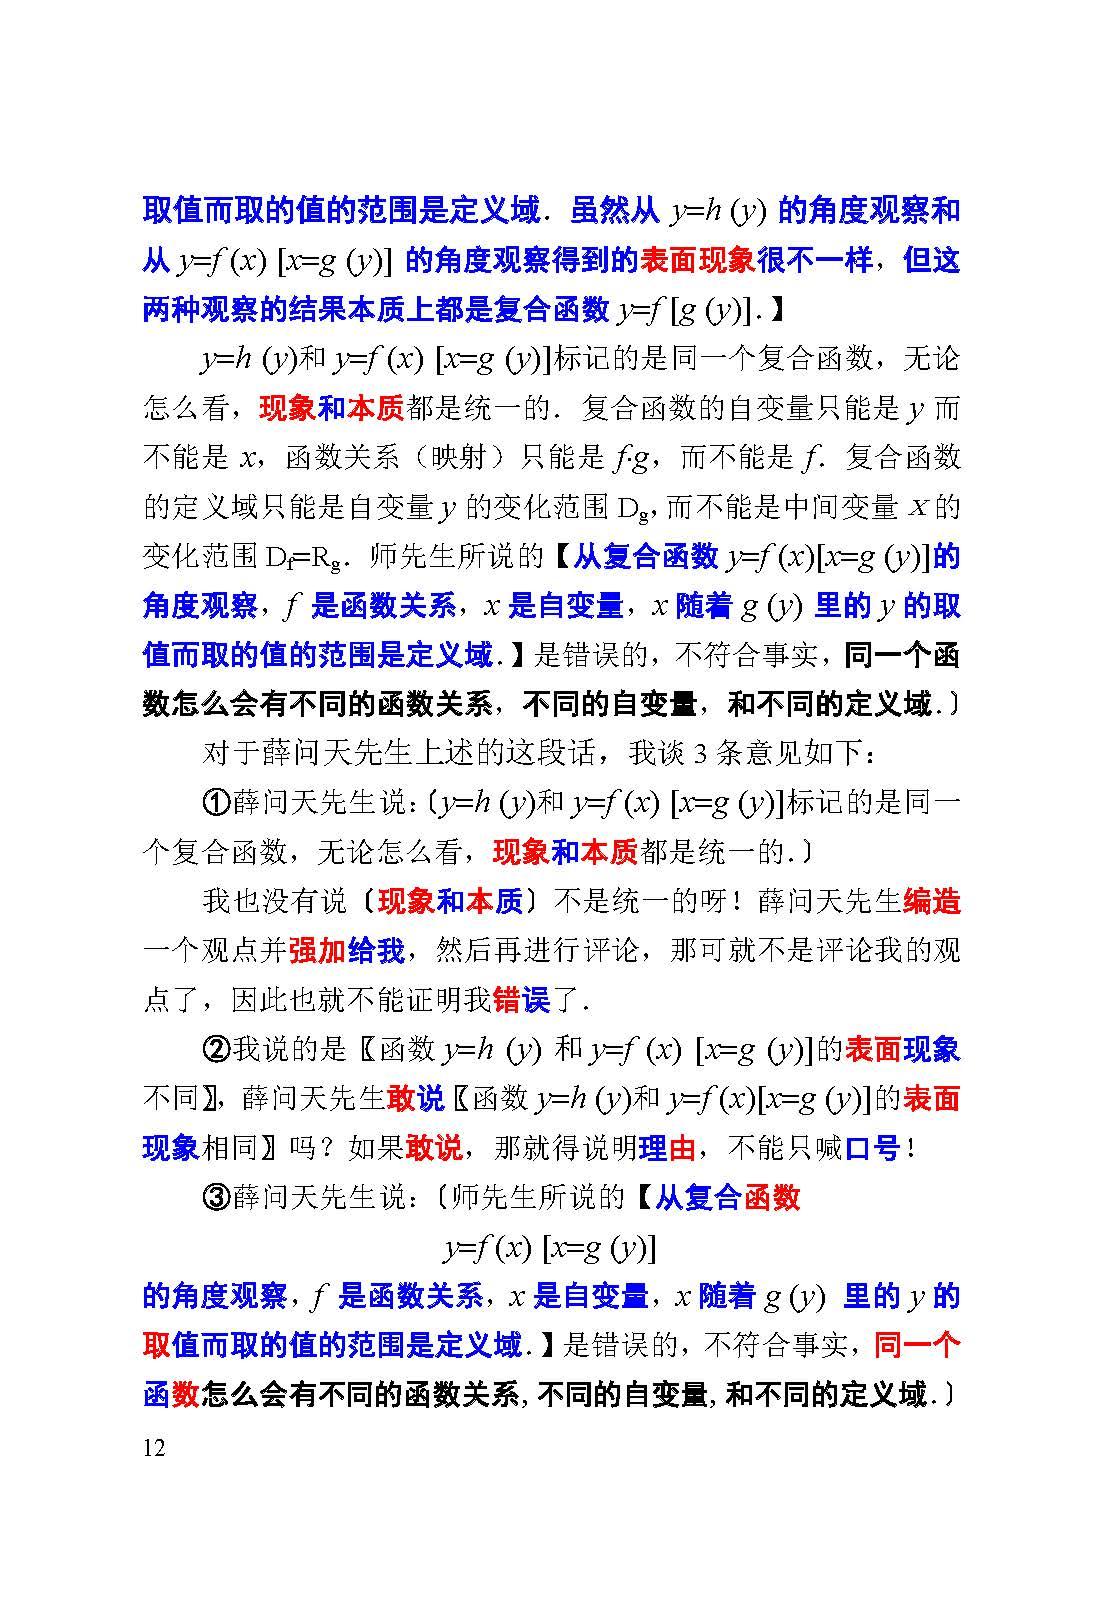 评薛问天先生的文章0408_页面_12.jpg